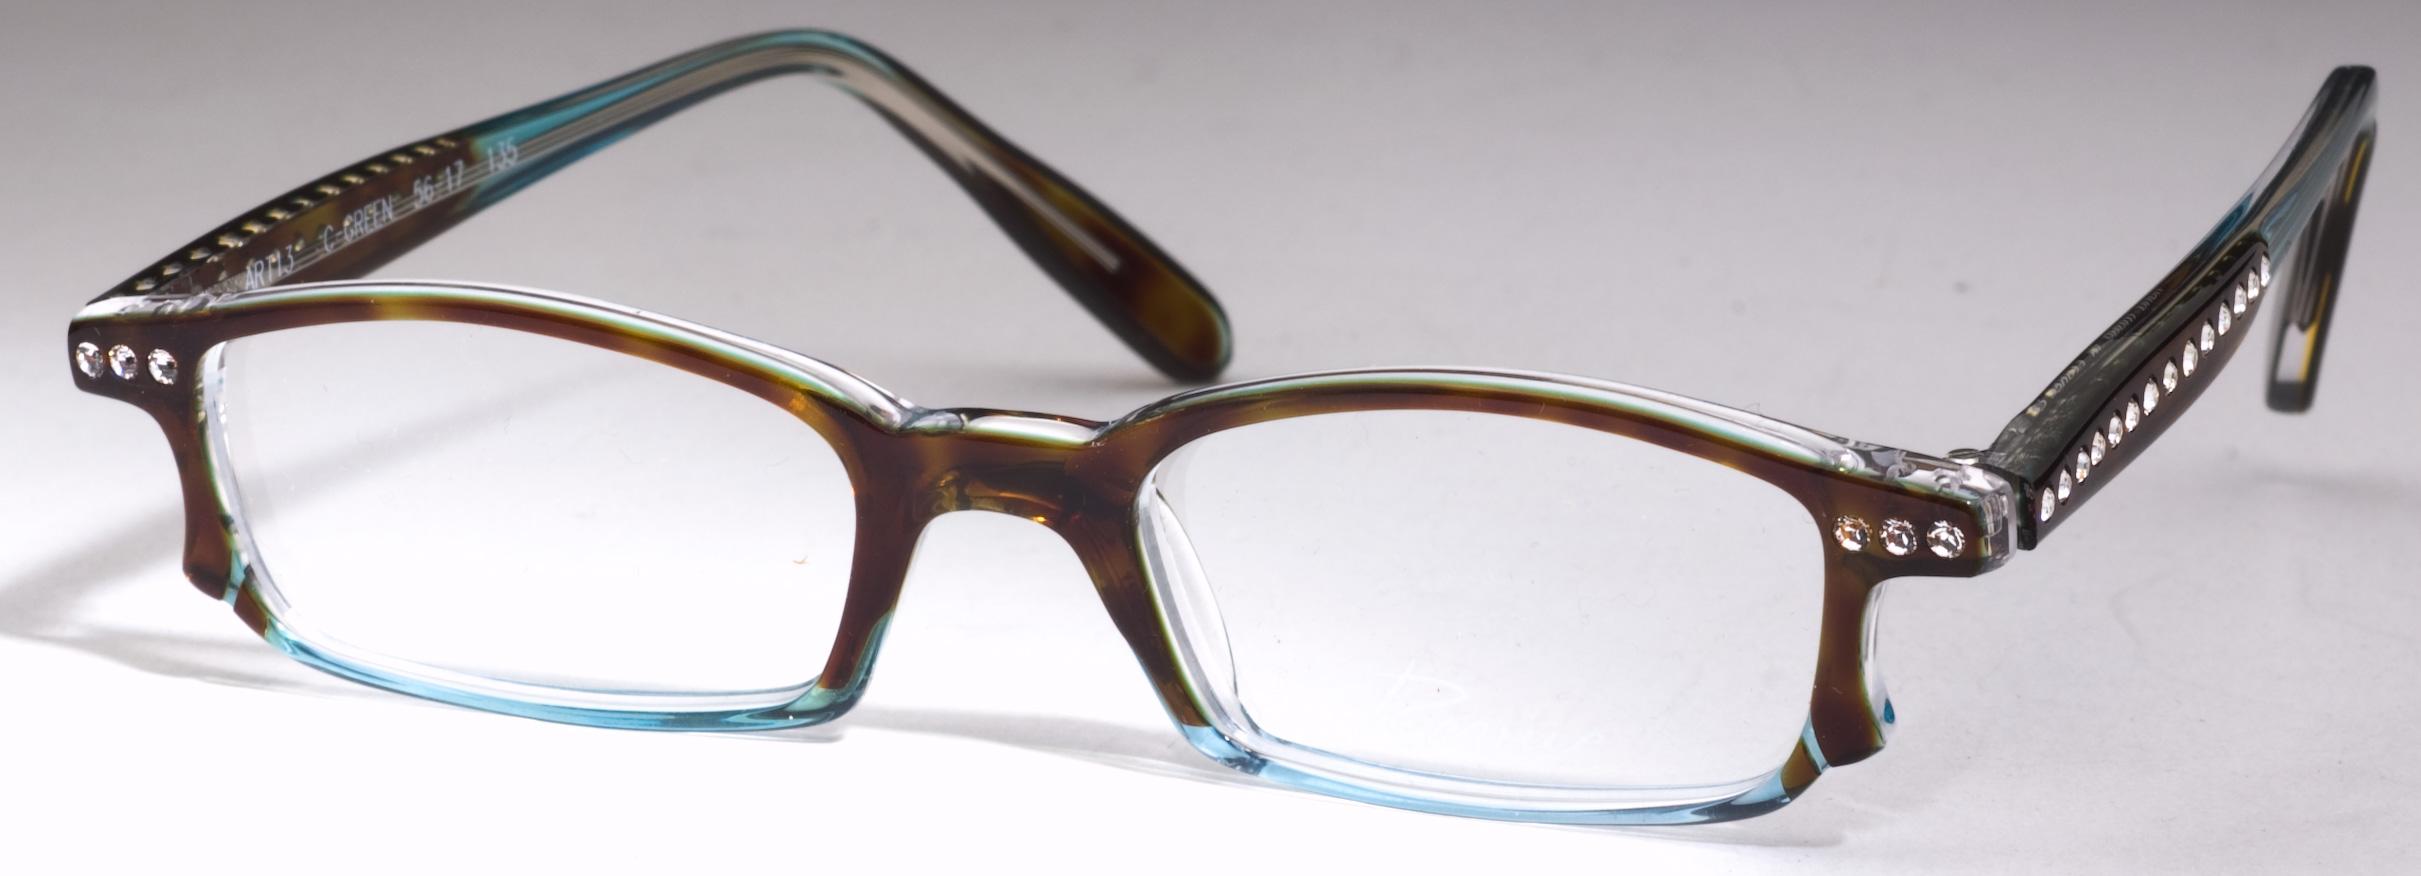 27a8d8b7fe eyeglasses  Brand Revue Retro Lifetime-Eyecare.com has the most ...